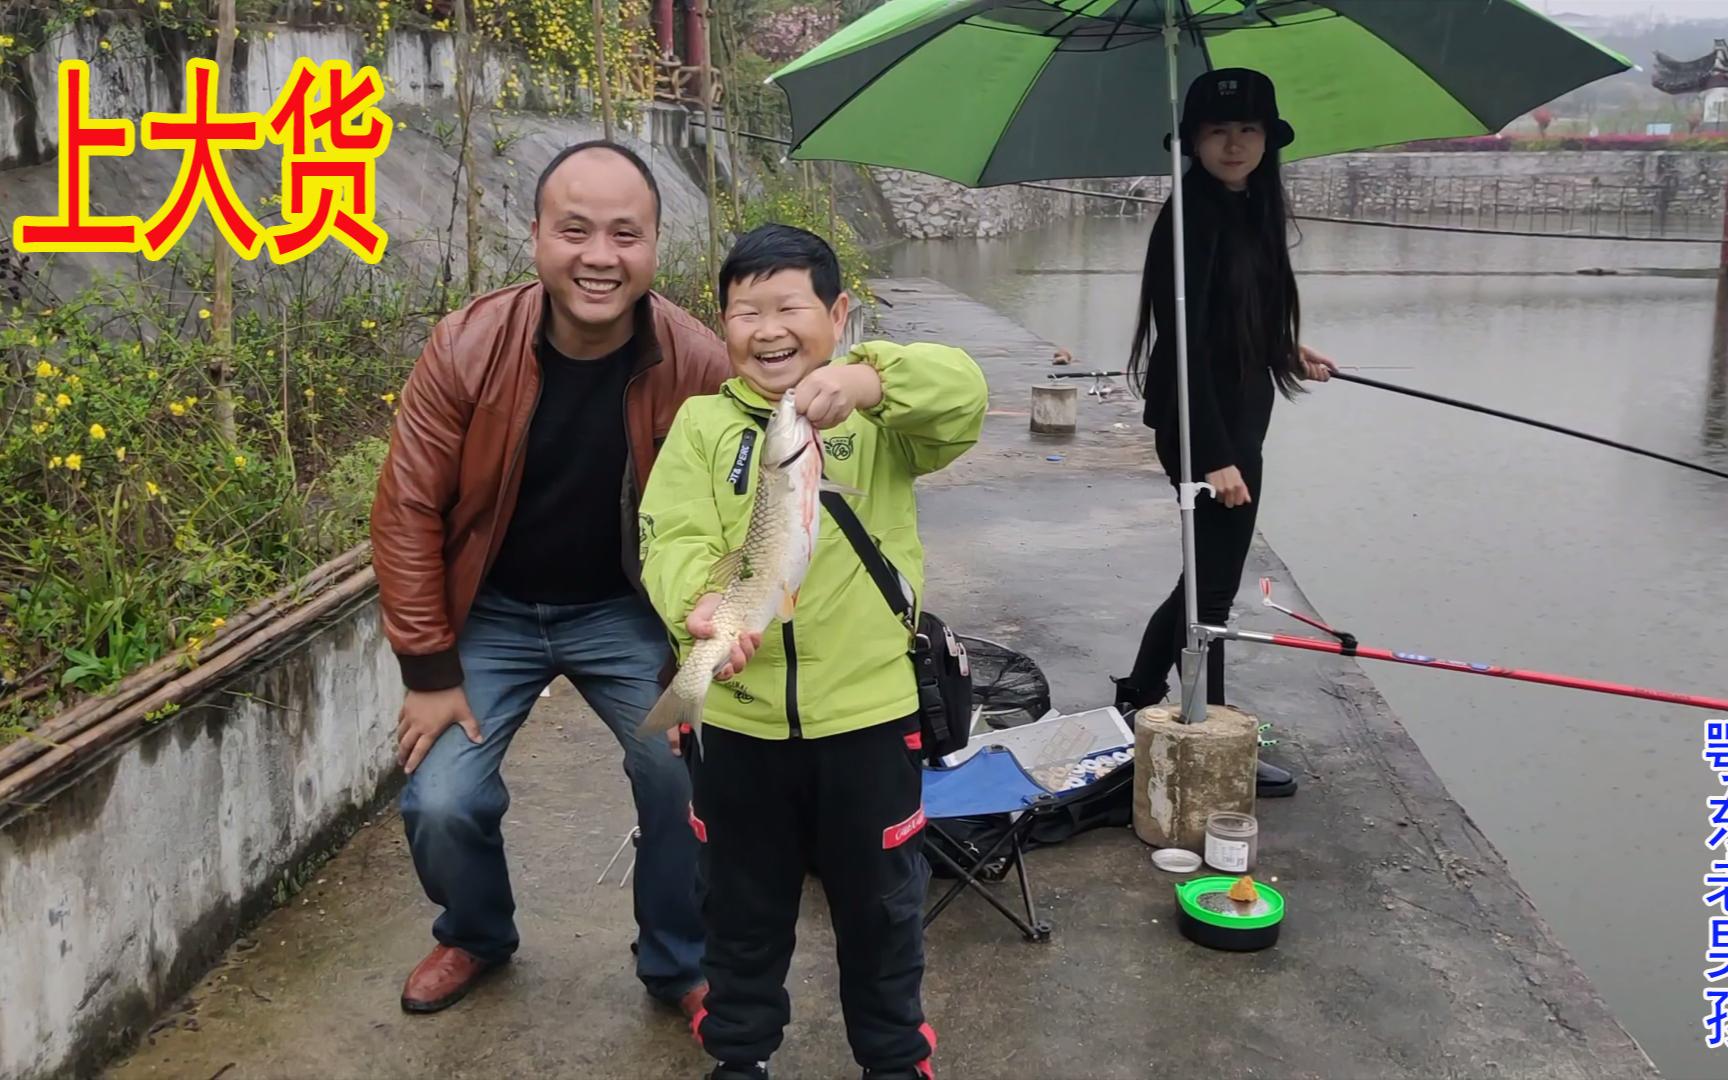 老男孩远赴县城见八妹,不忘带上钓鱼工具,这次终于上了大货